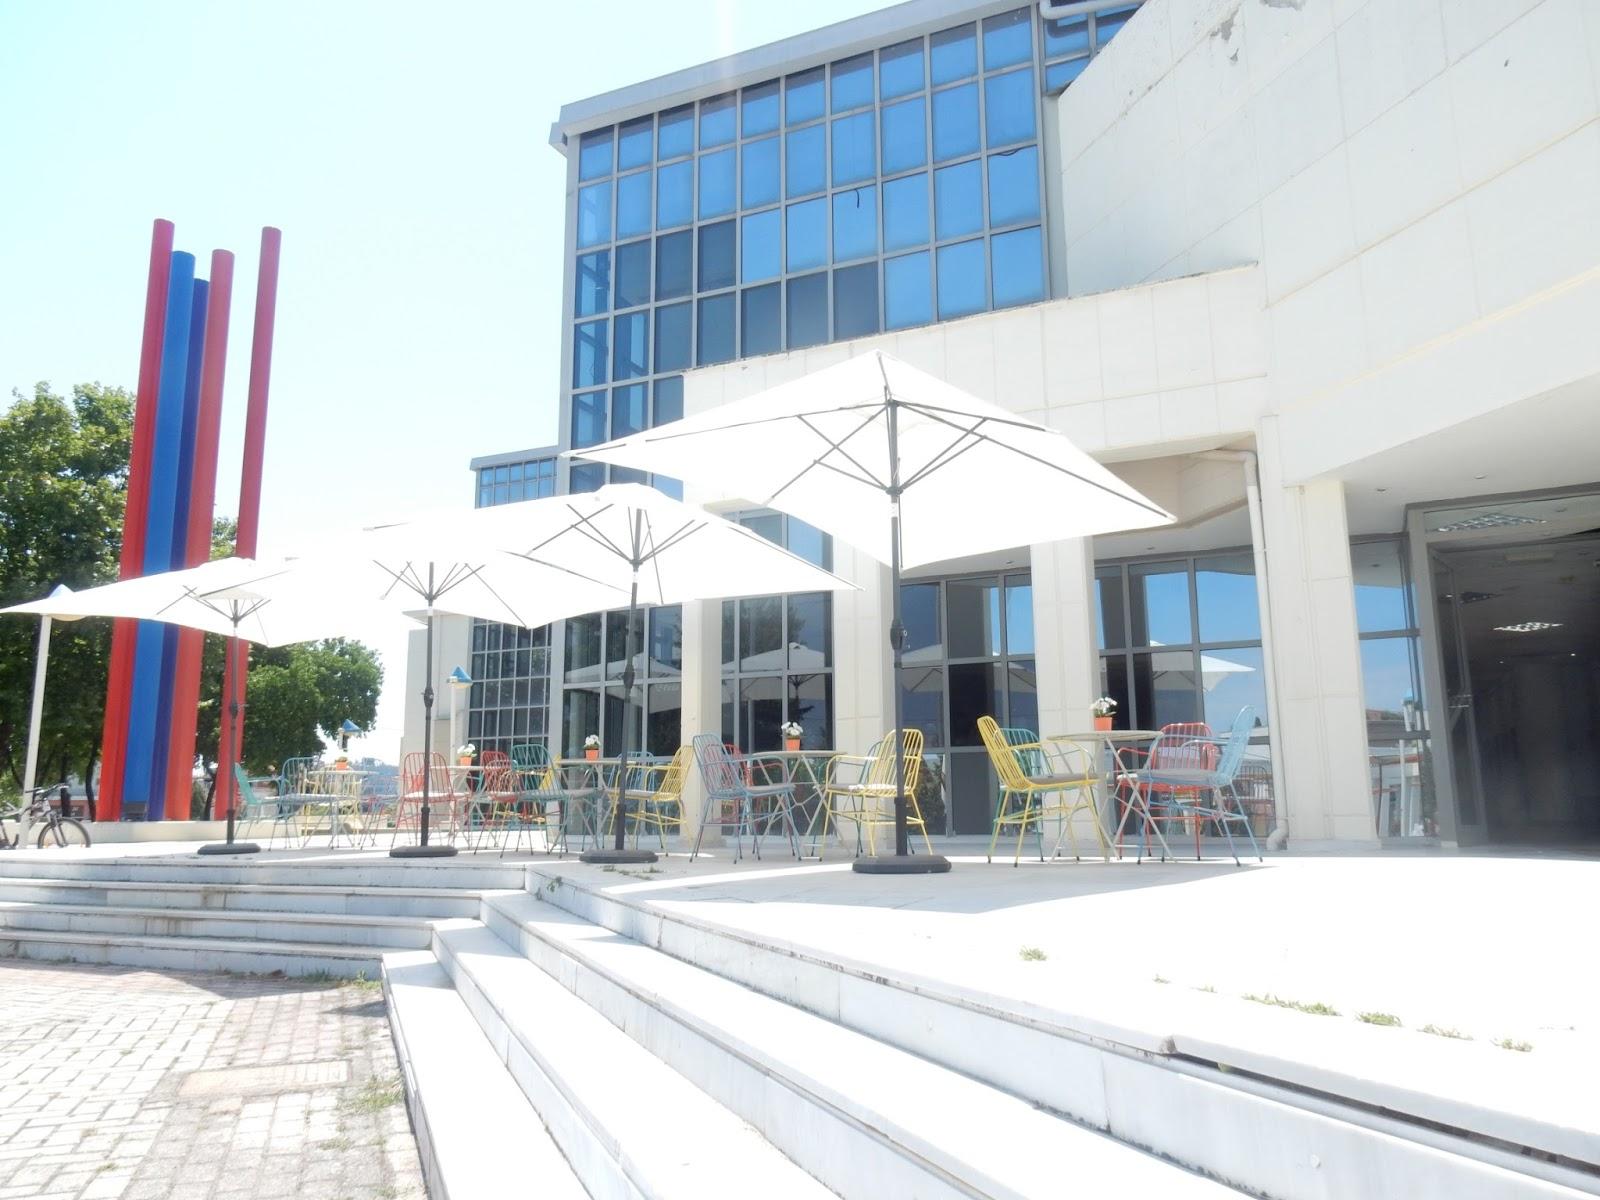 Συνεχίζεται η Έκθεση Αφίσας στο μπαρ της Δημοτικής Πινακοθήκης Λάρισας